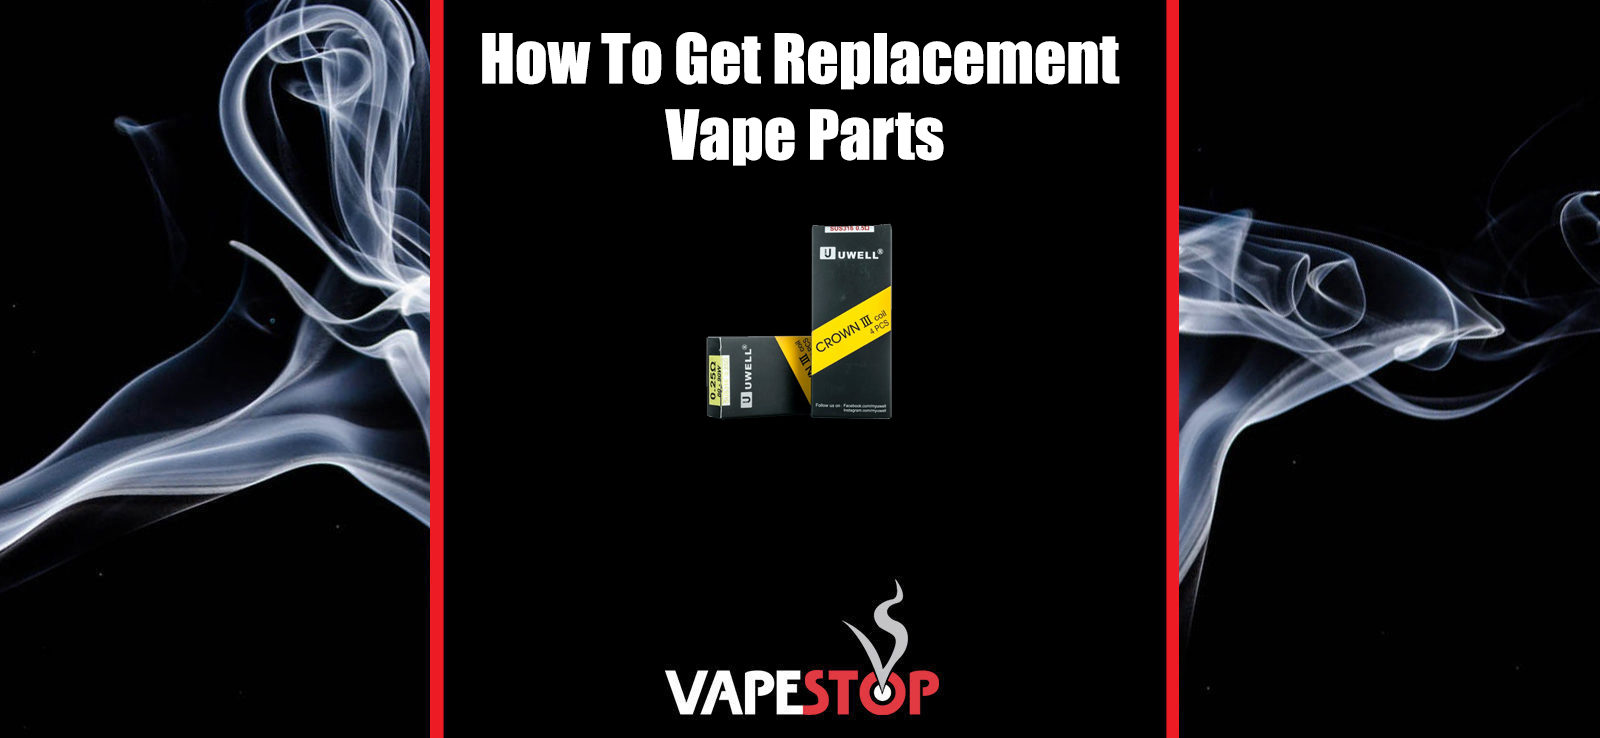 how to get replacement vape parts blog - vapestop